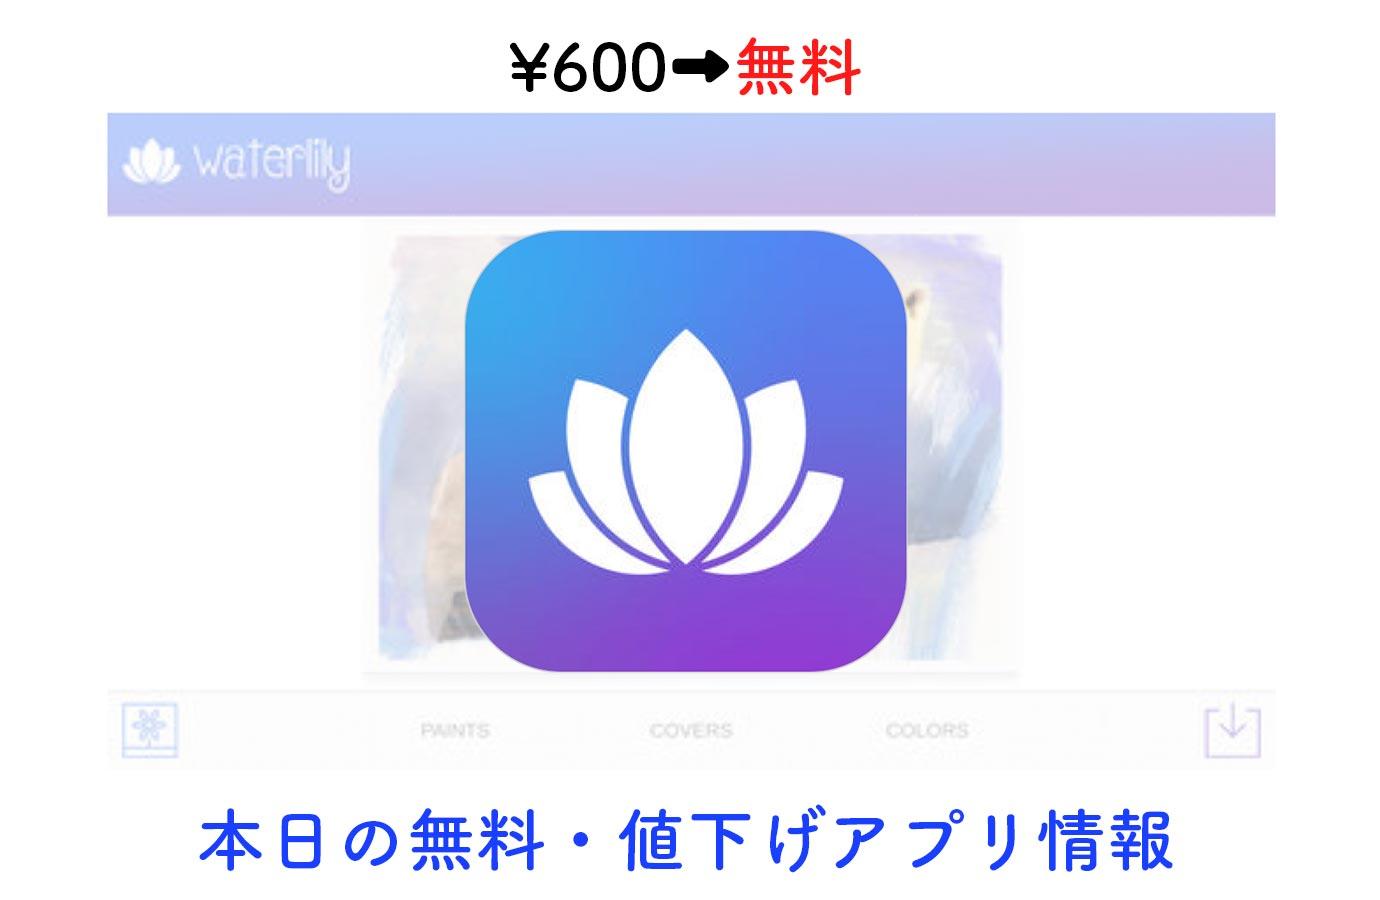 ¥600→無料、写真を水彩画風に変換できる「WaterLilly」など【12/2】本日の無料・値下げアプリ情報